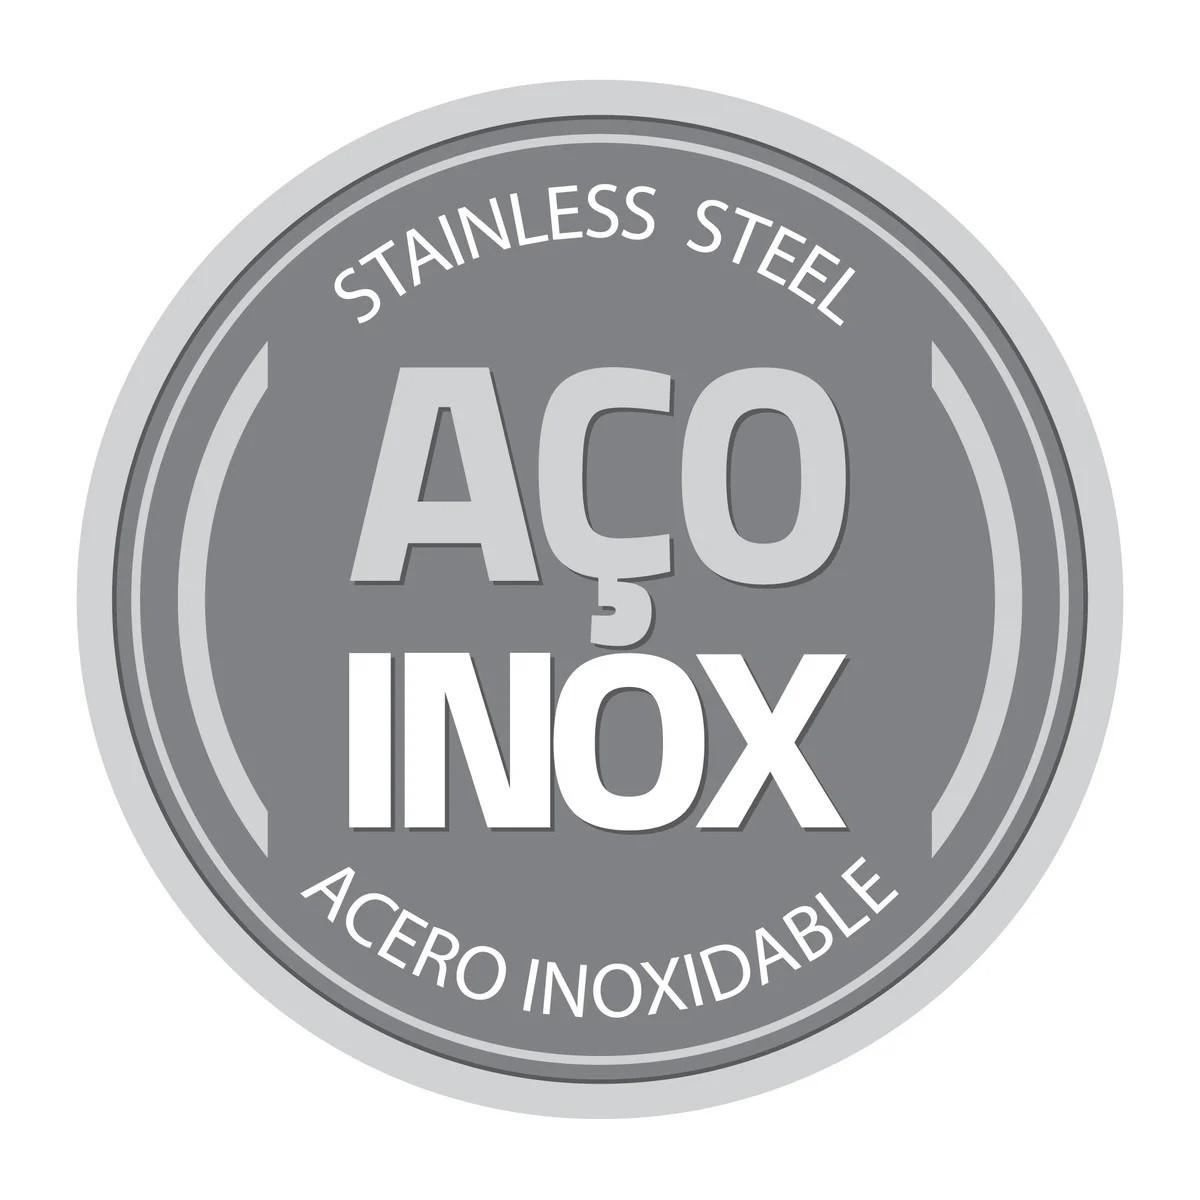 Caçarola Funda Inox Professional 16 Cm Tramontina  - Sua Casa Gourmet e Cia